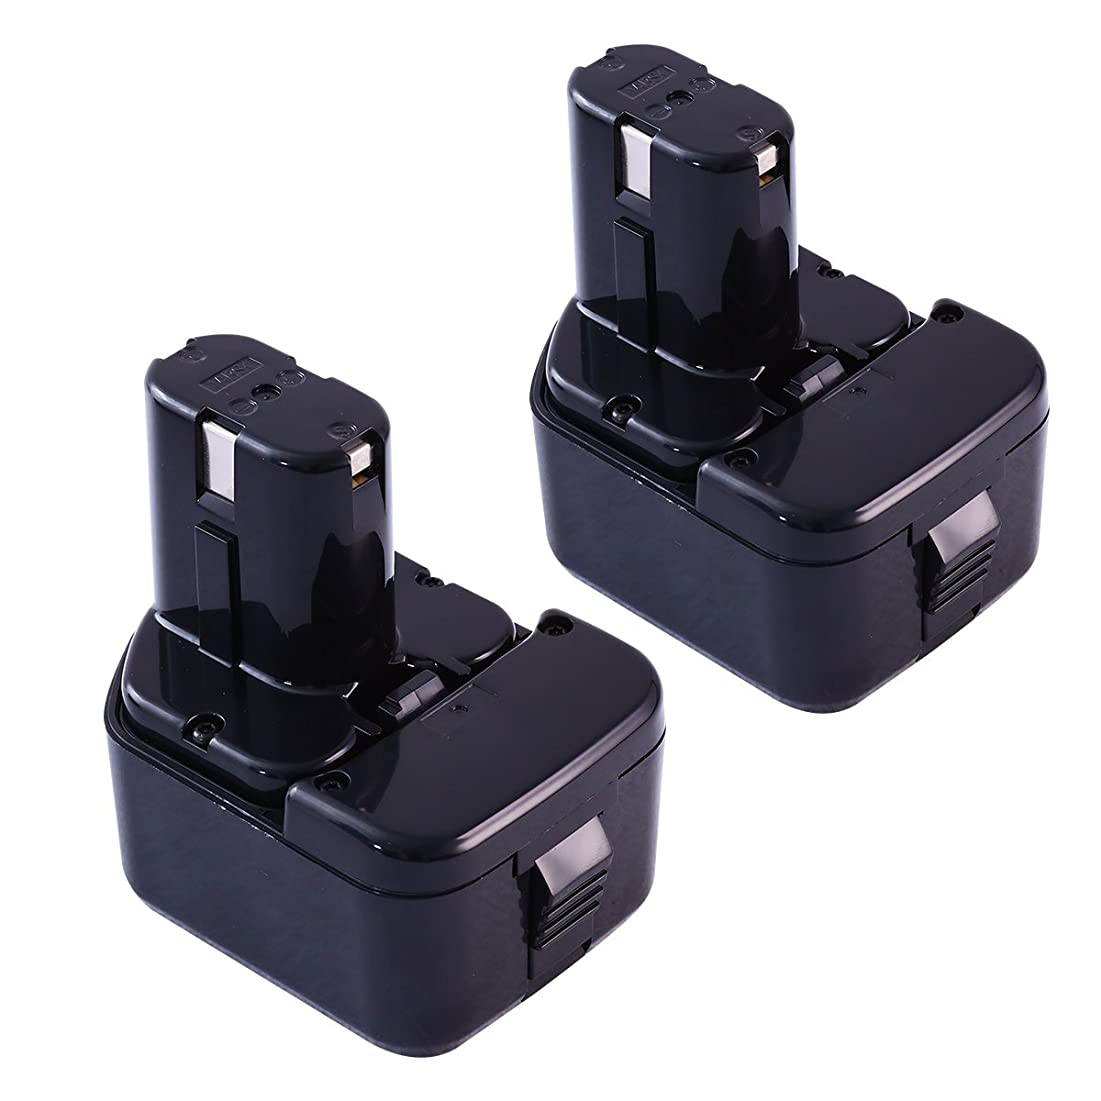 想起エントリ除外する日立バッテリー 12V 互換バッテリー 日立工機バッテリー3.0Ah EB1214S EB1214L EB1220BL EB1212Sバッテリー NI-MHニッケル水素2個セット